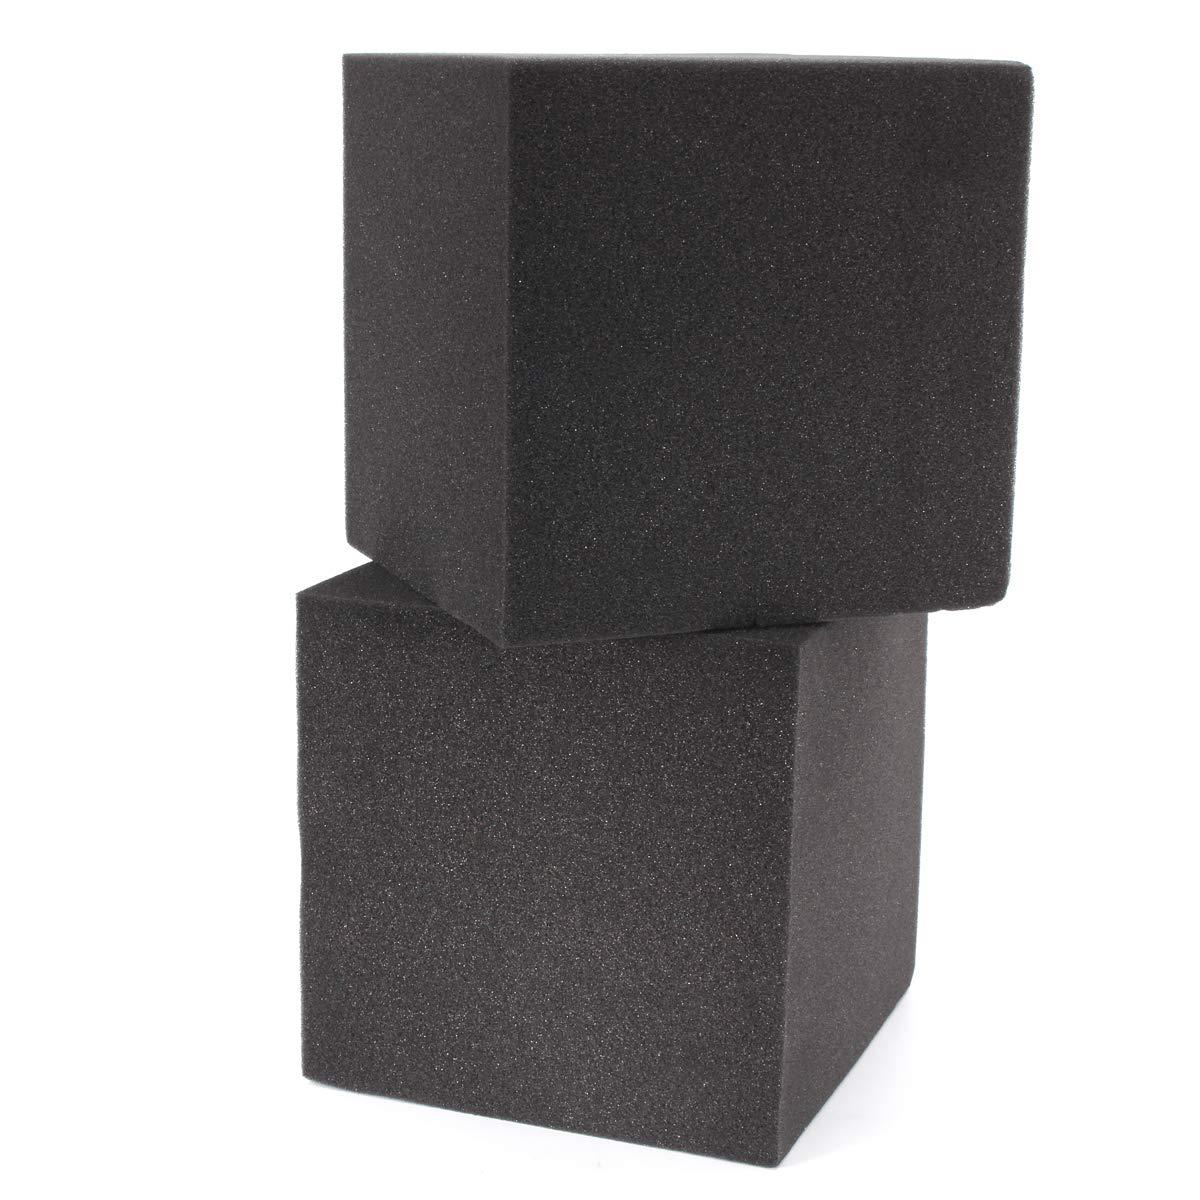 b7eed544f91 MYAMIA 2Pcs 20x Insonorizada Espuma Absorción Cubo Estudio Acústica Sala De  Música Tratar 20x20x20Cm  Amazon